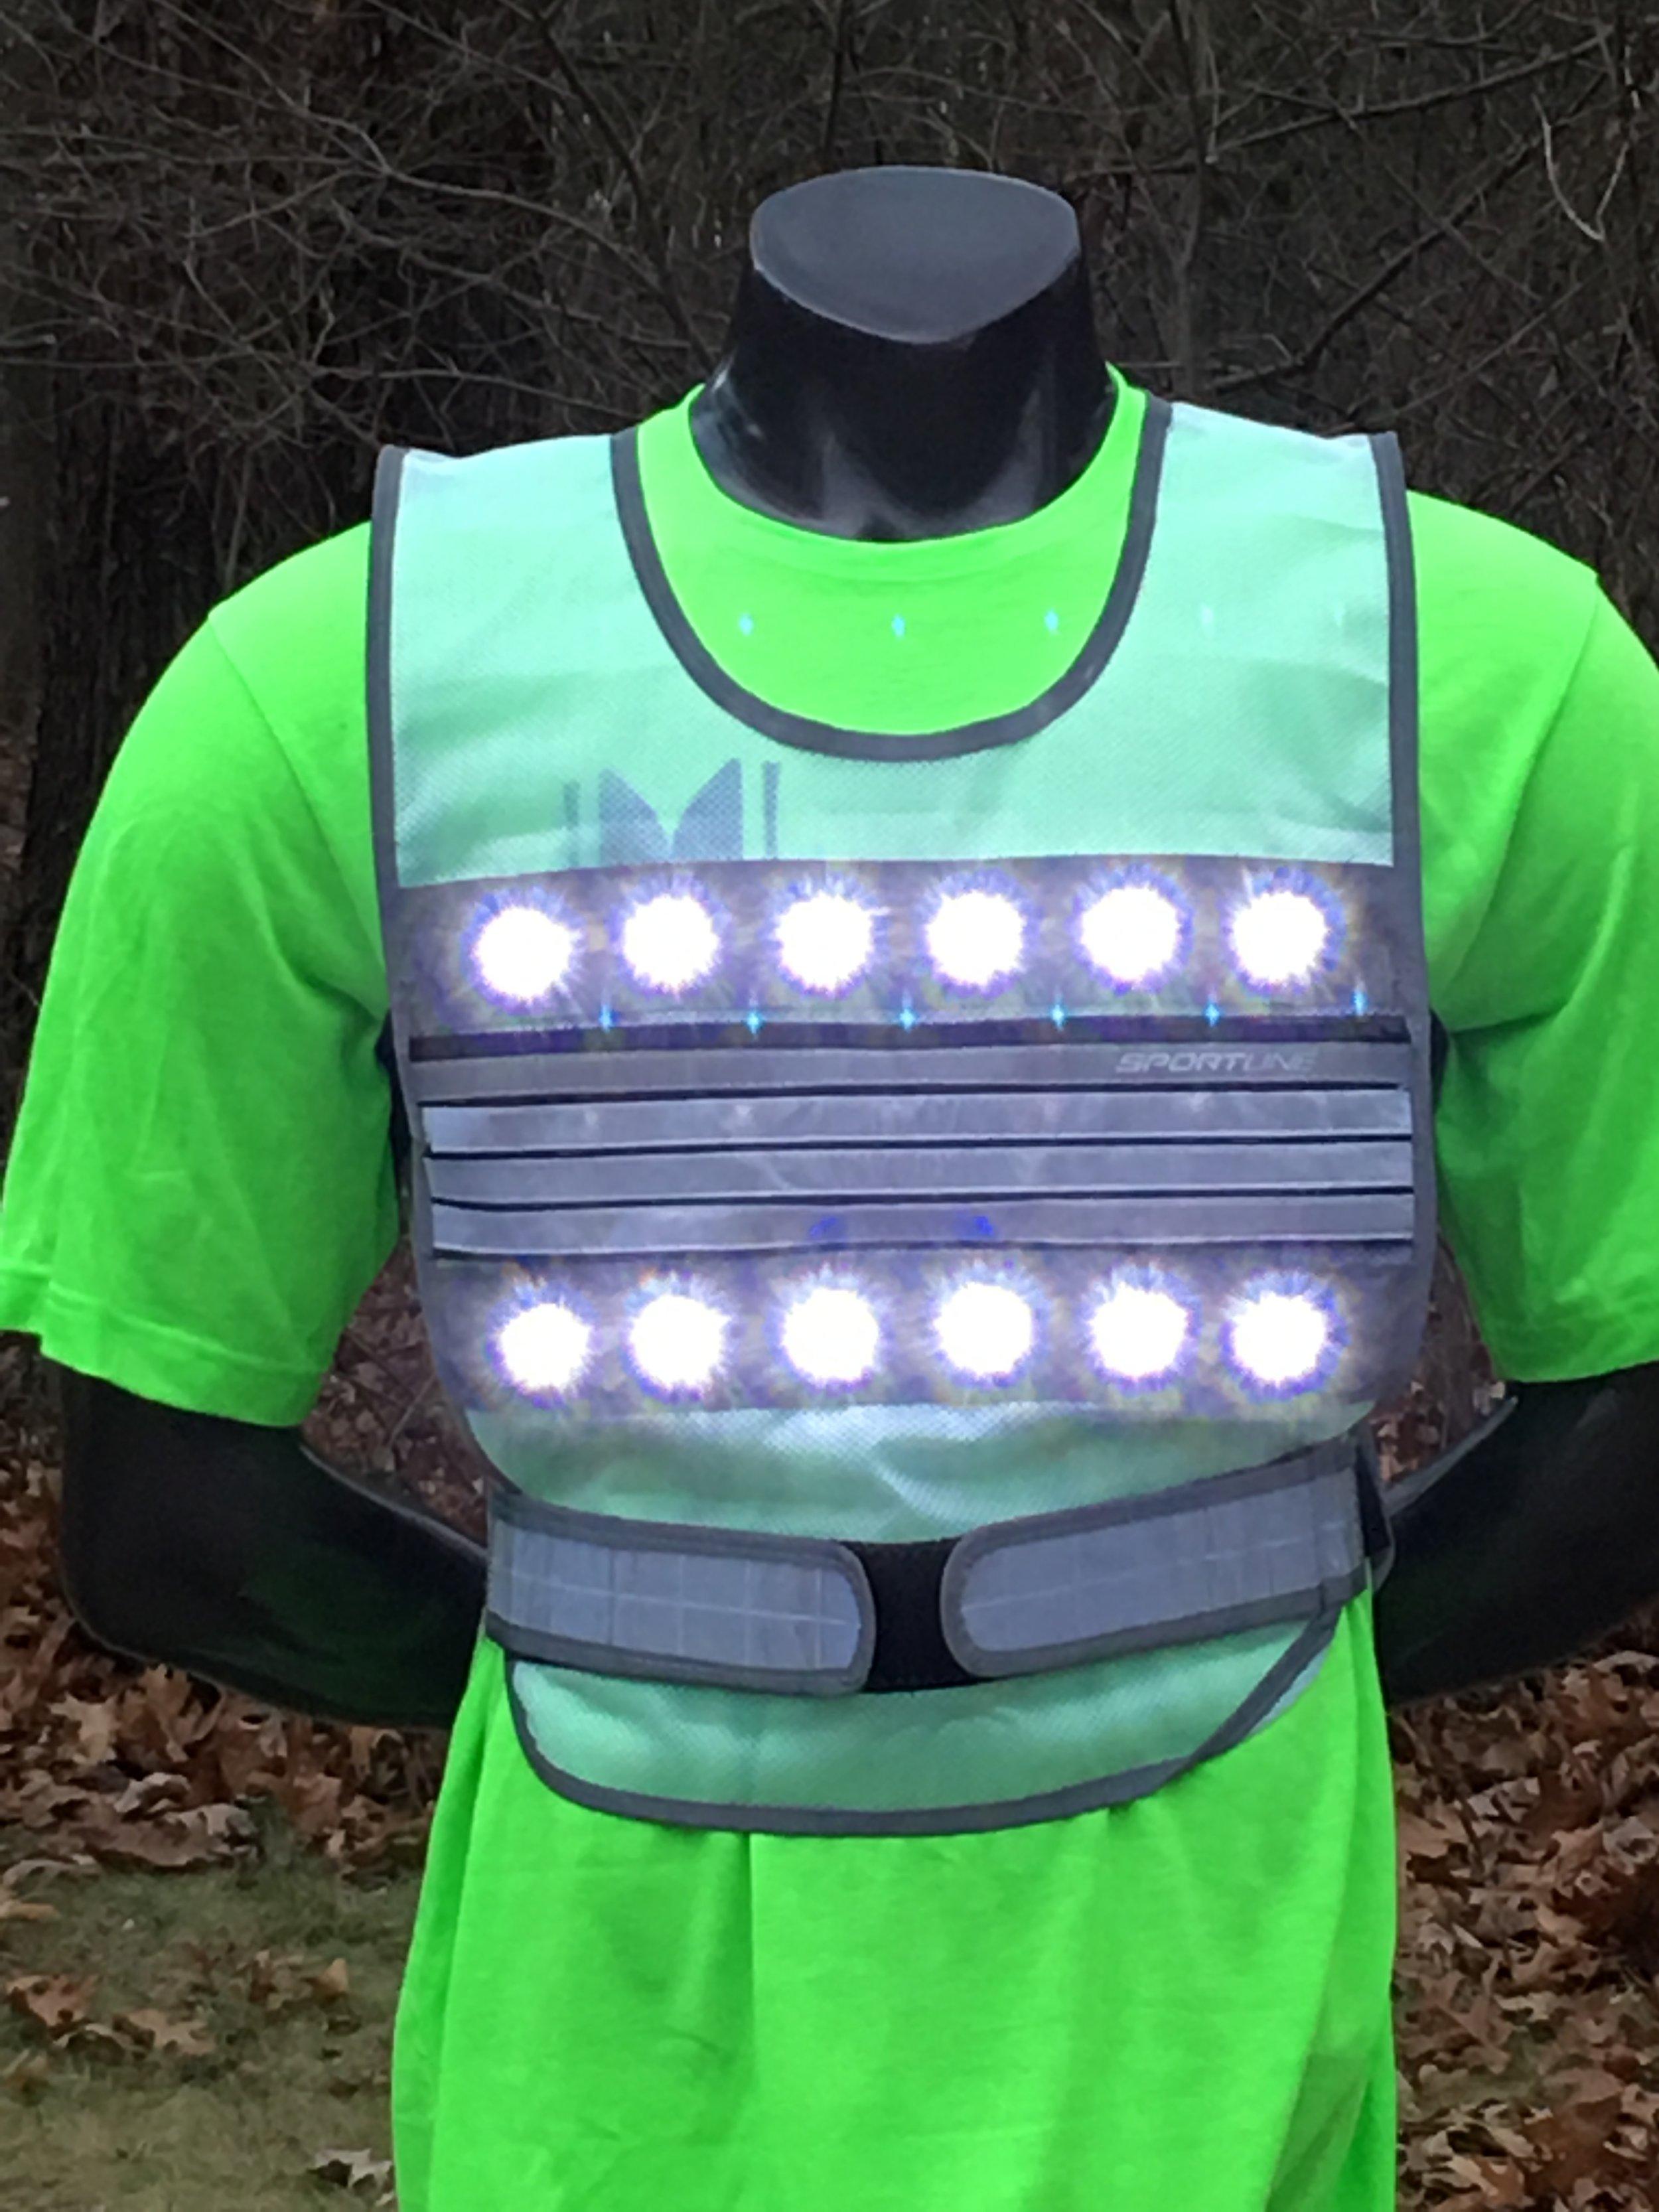 LEDLightvest-Original-frnt-safety-vest-experts----Grand Rapids-MI.JPG